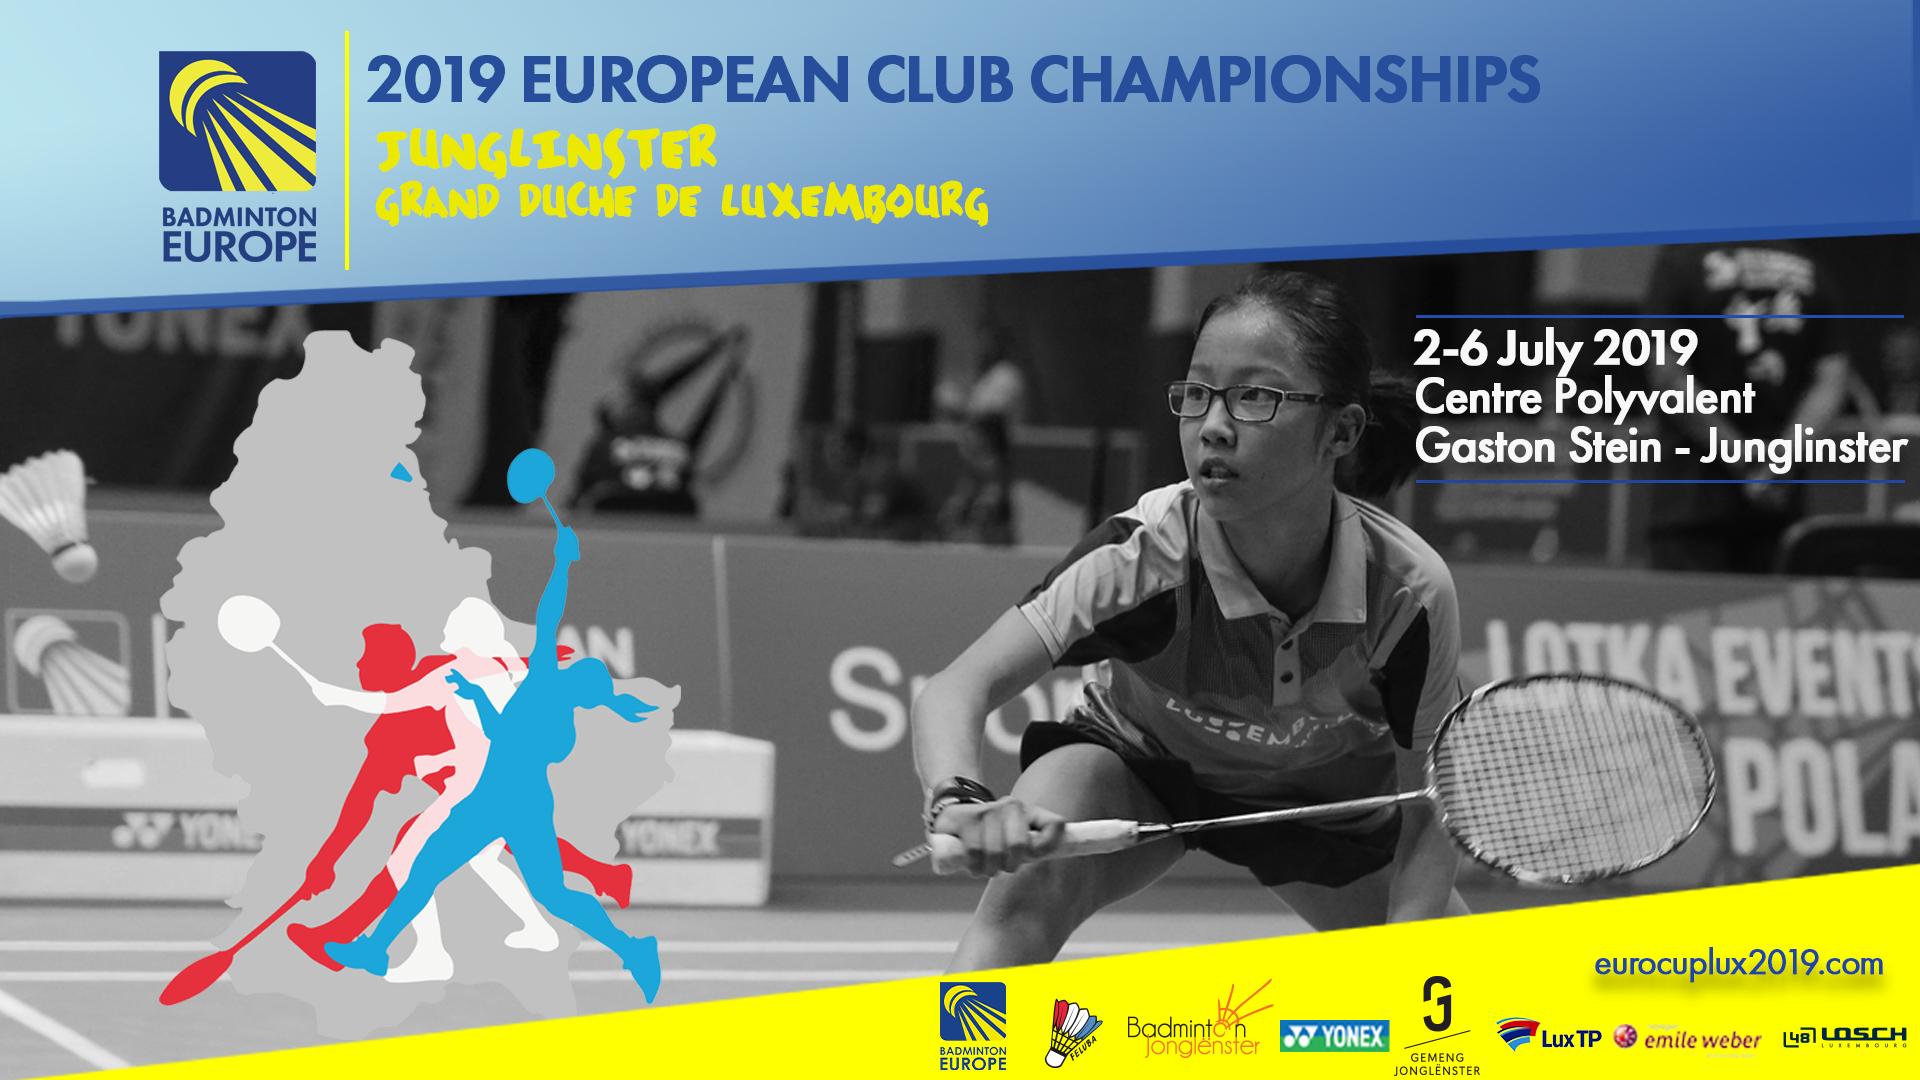 European Club Championships : Final